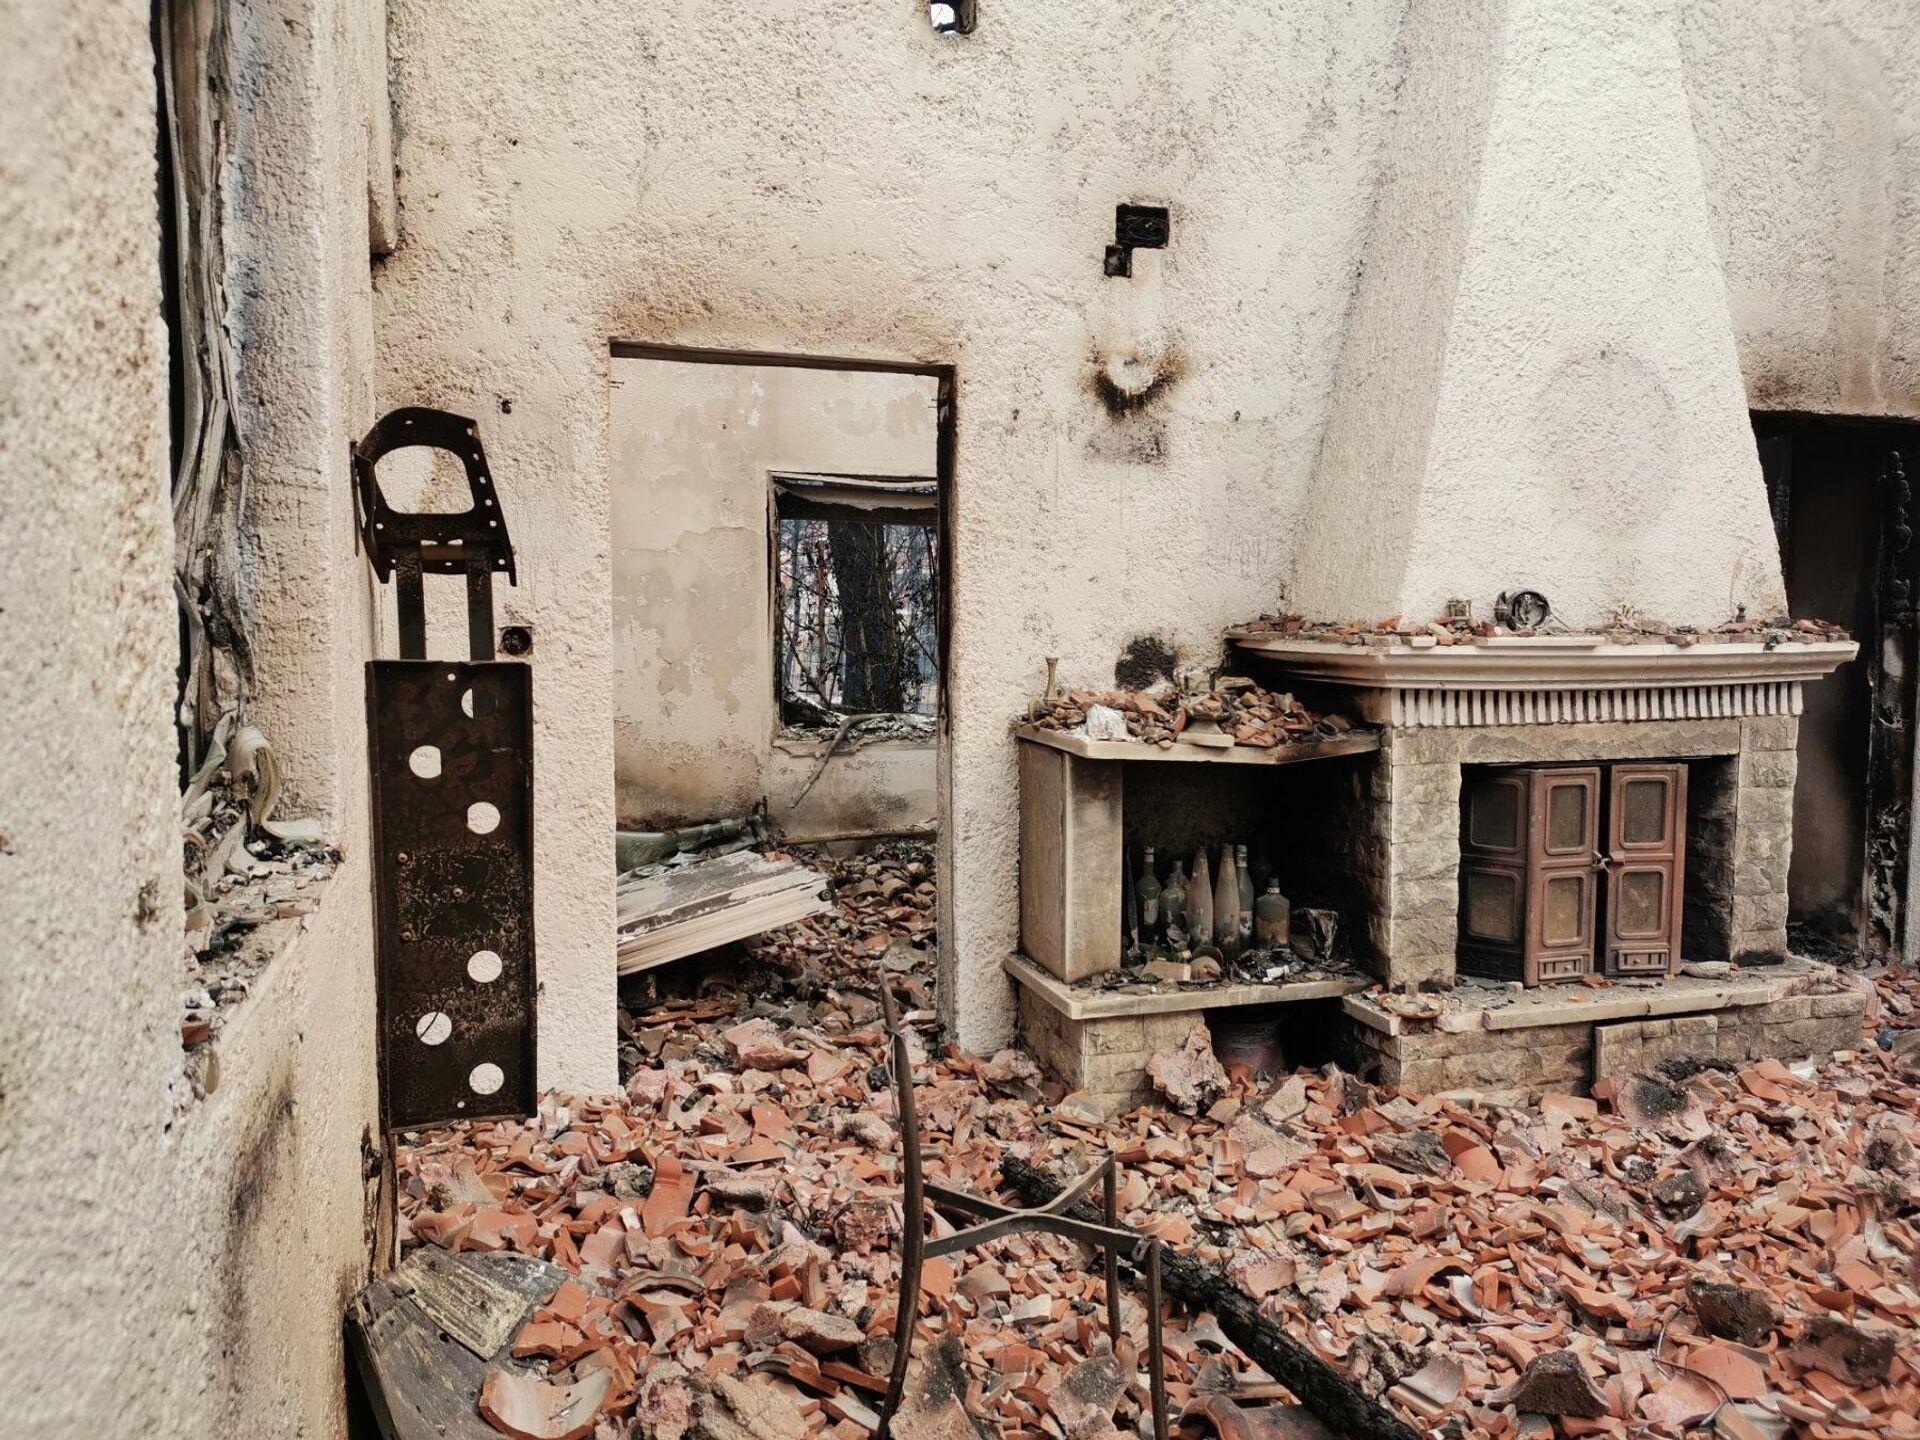 Δραματικές εικόνες από τη φωτιά στη Δροσοπηγή - Sputnik Ελλάδα, 1920, 06.08.2021